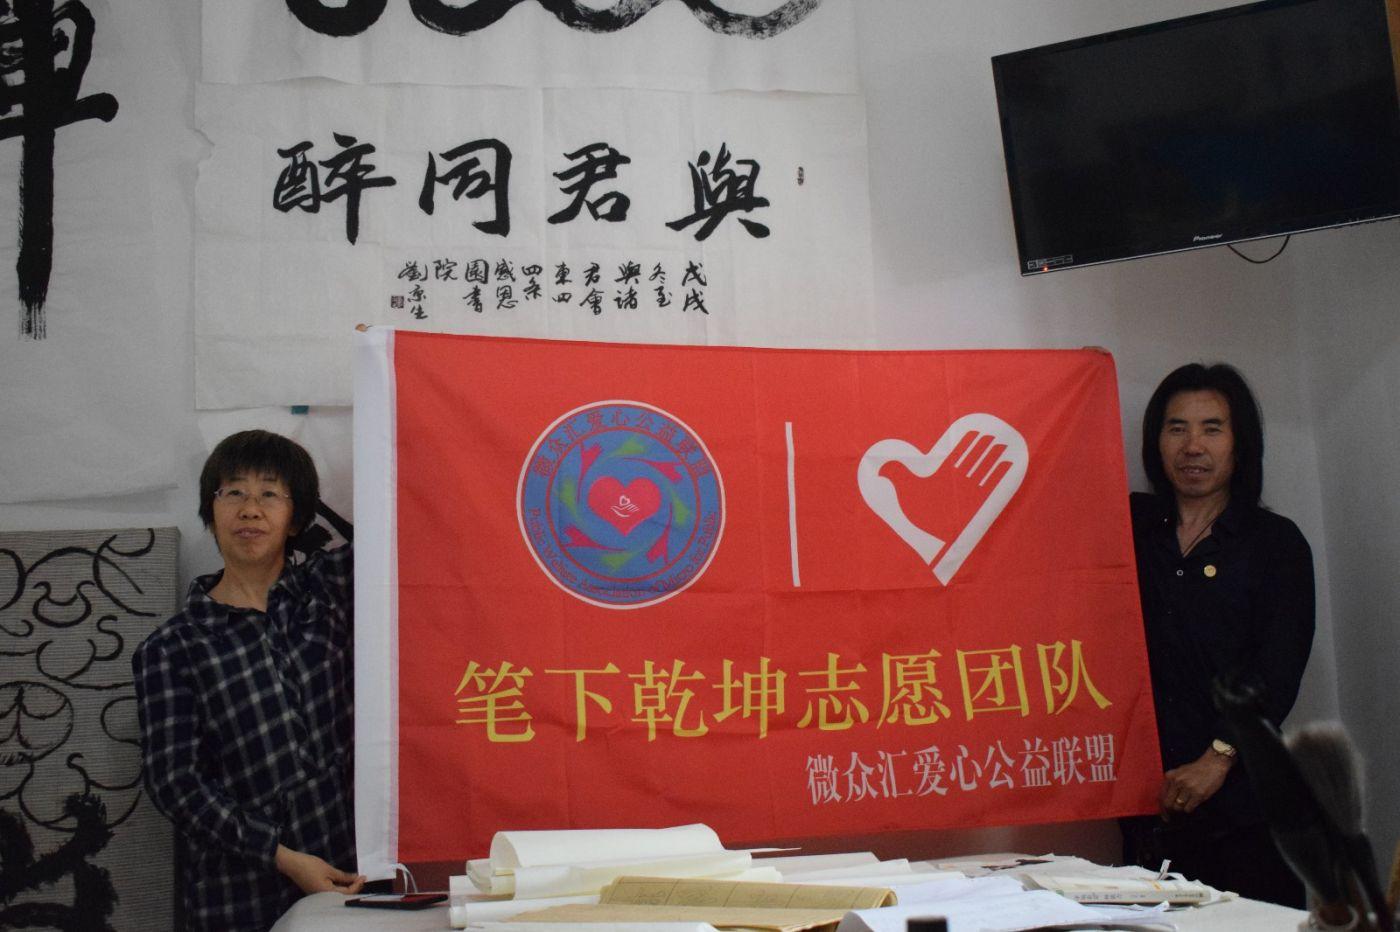 北京笔下乾坤志愿团队成立_图1-3